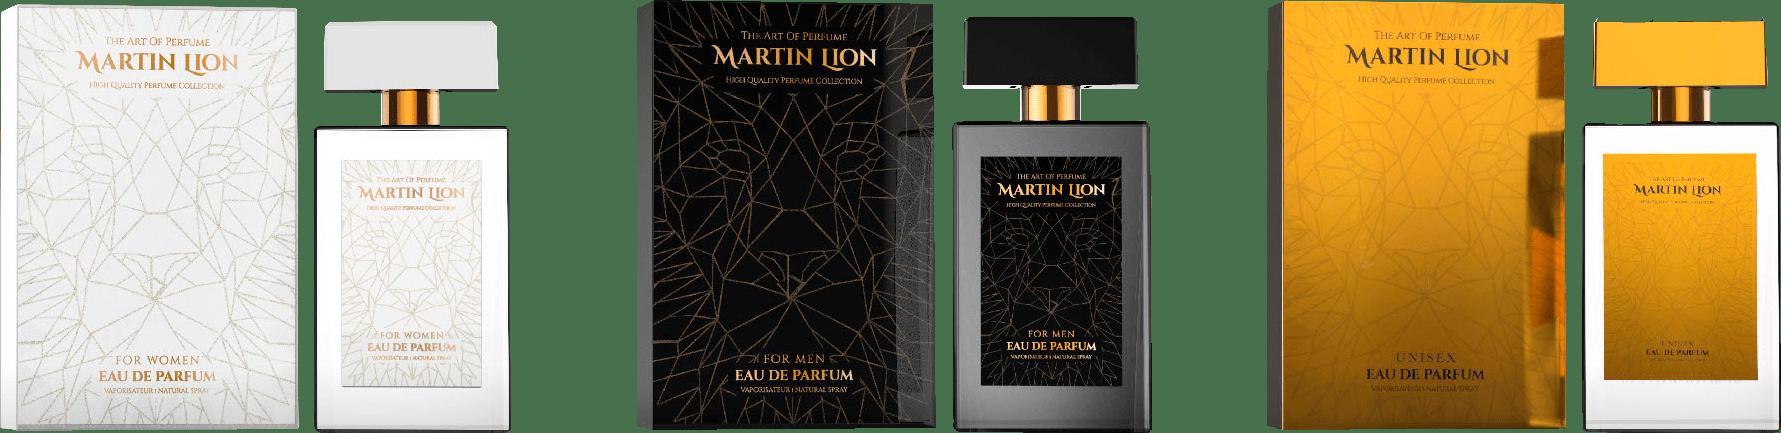 Мартин лион флаконы